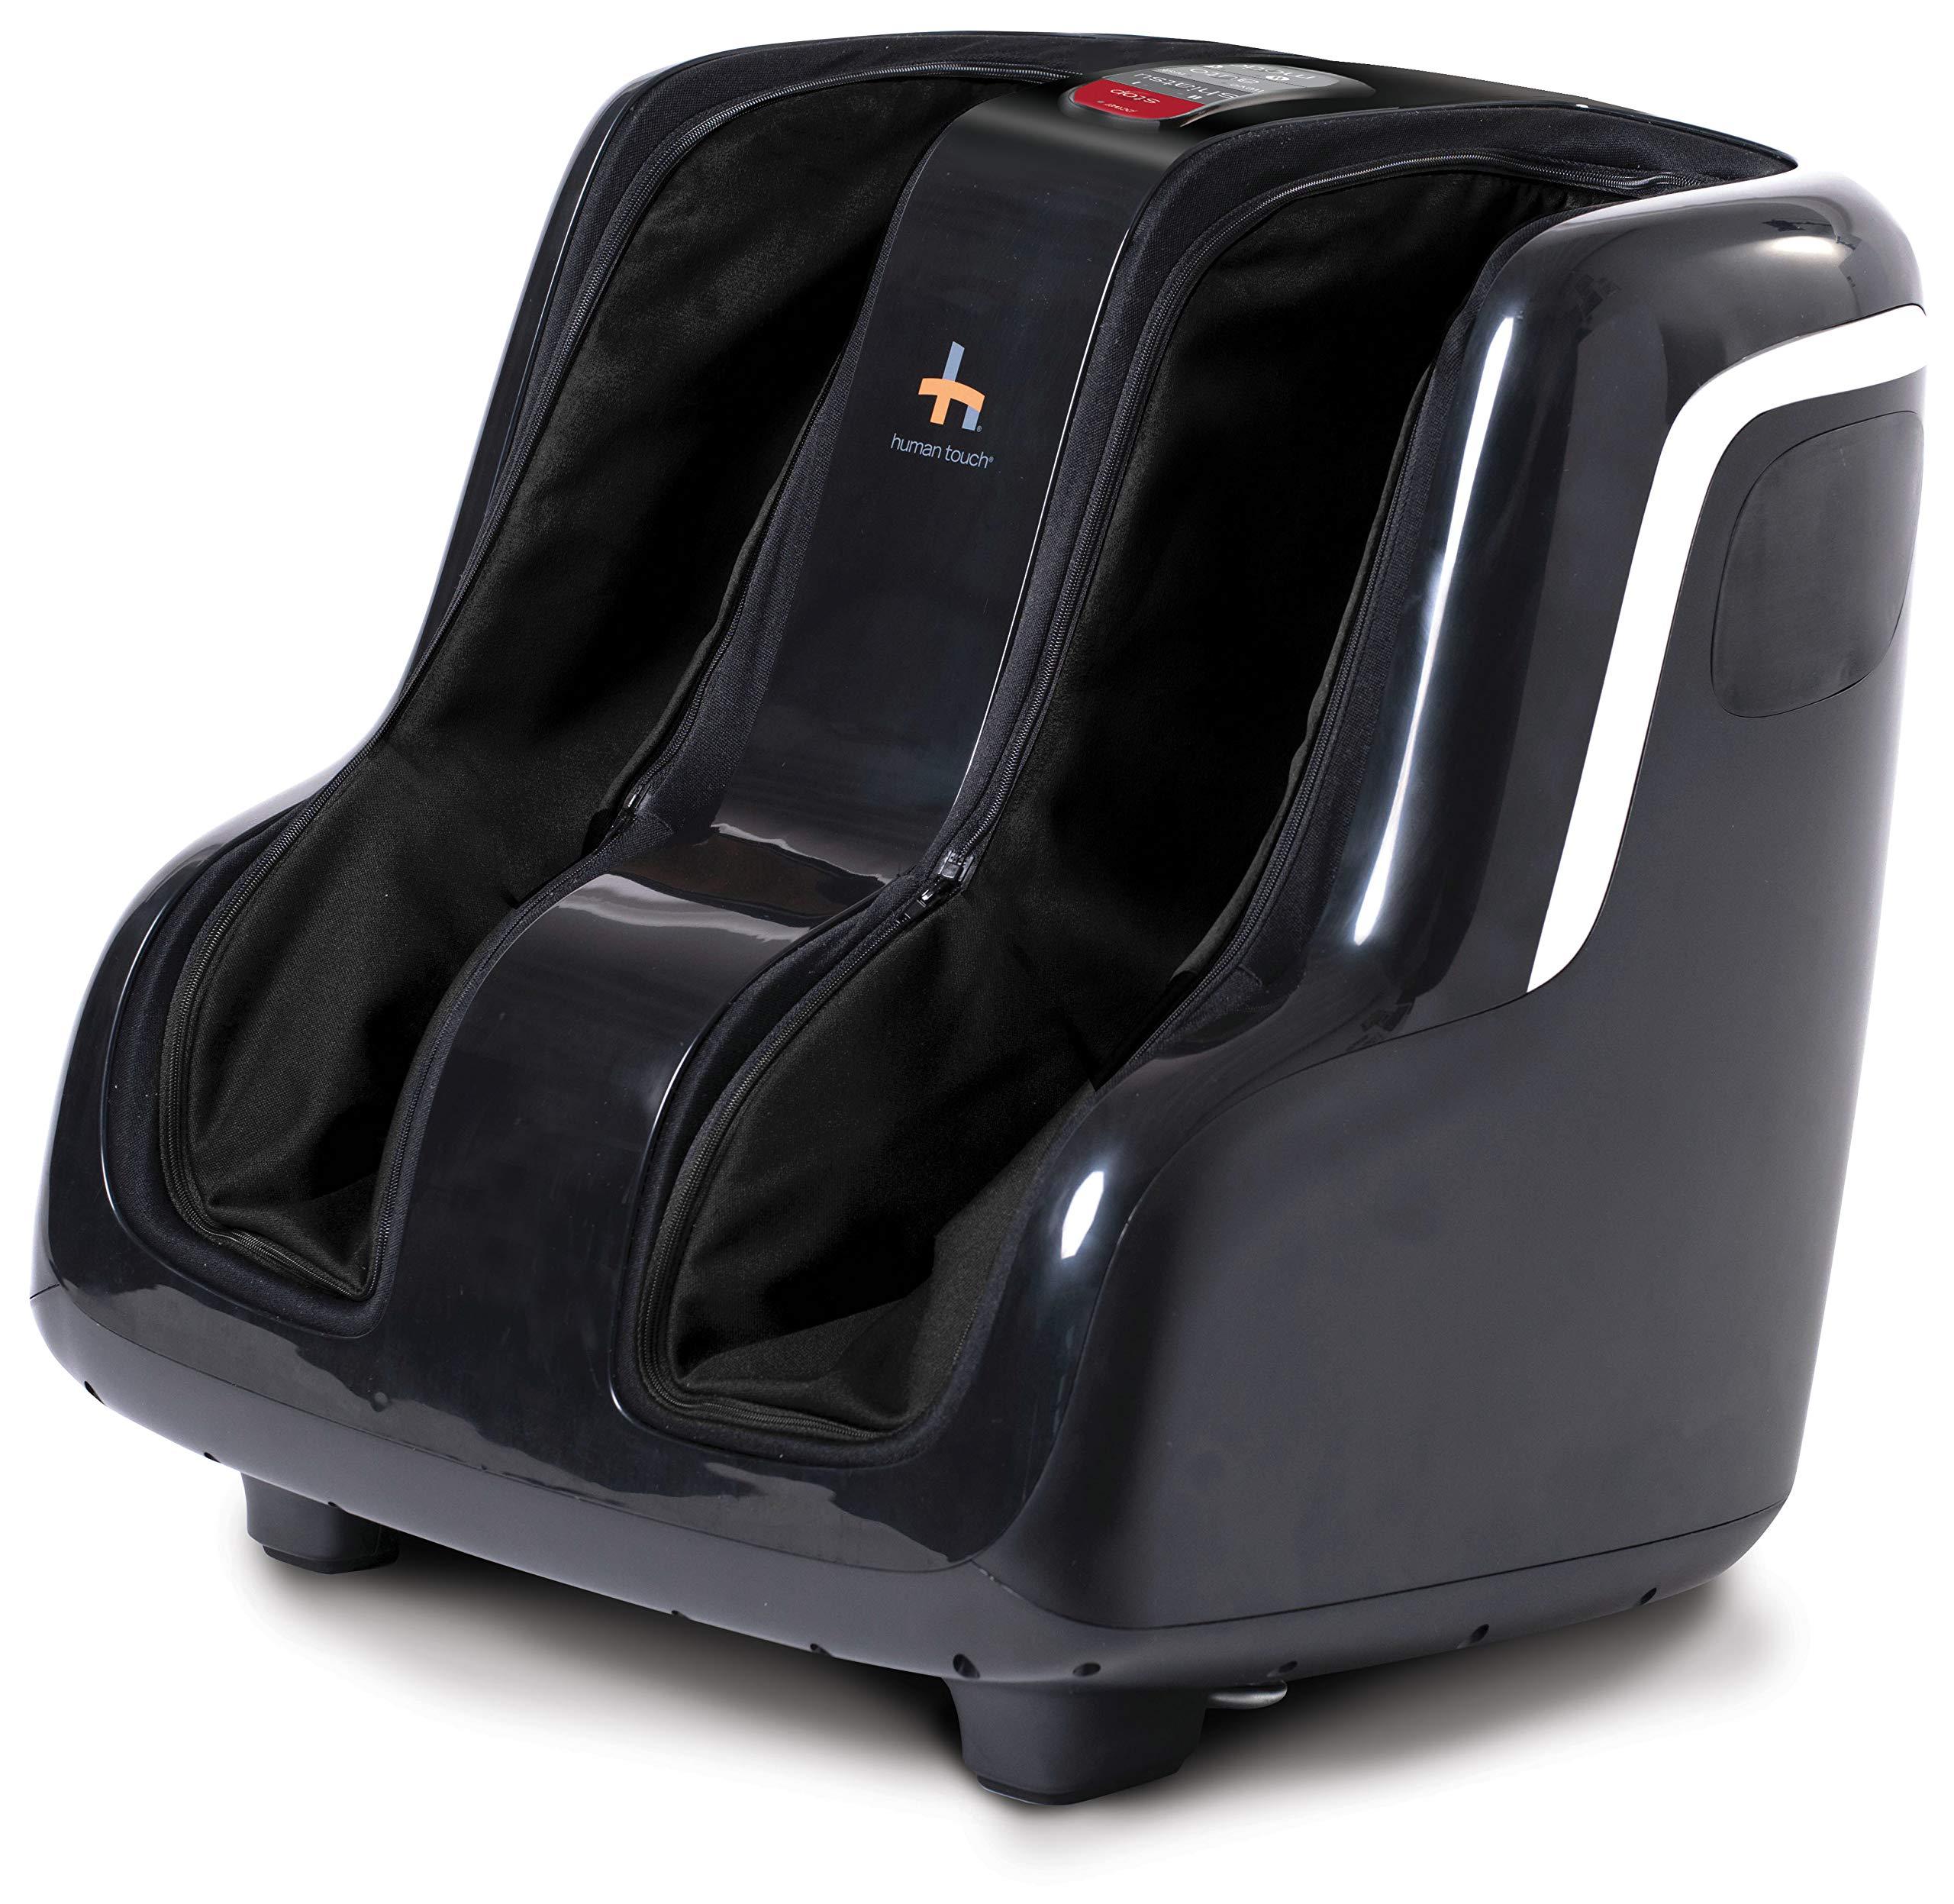 Human Touch Reflex5s Foot Massager